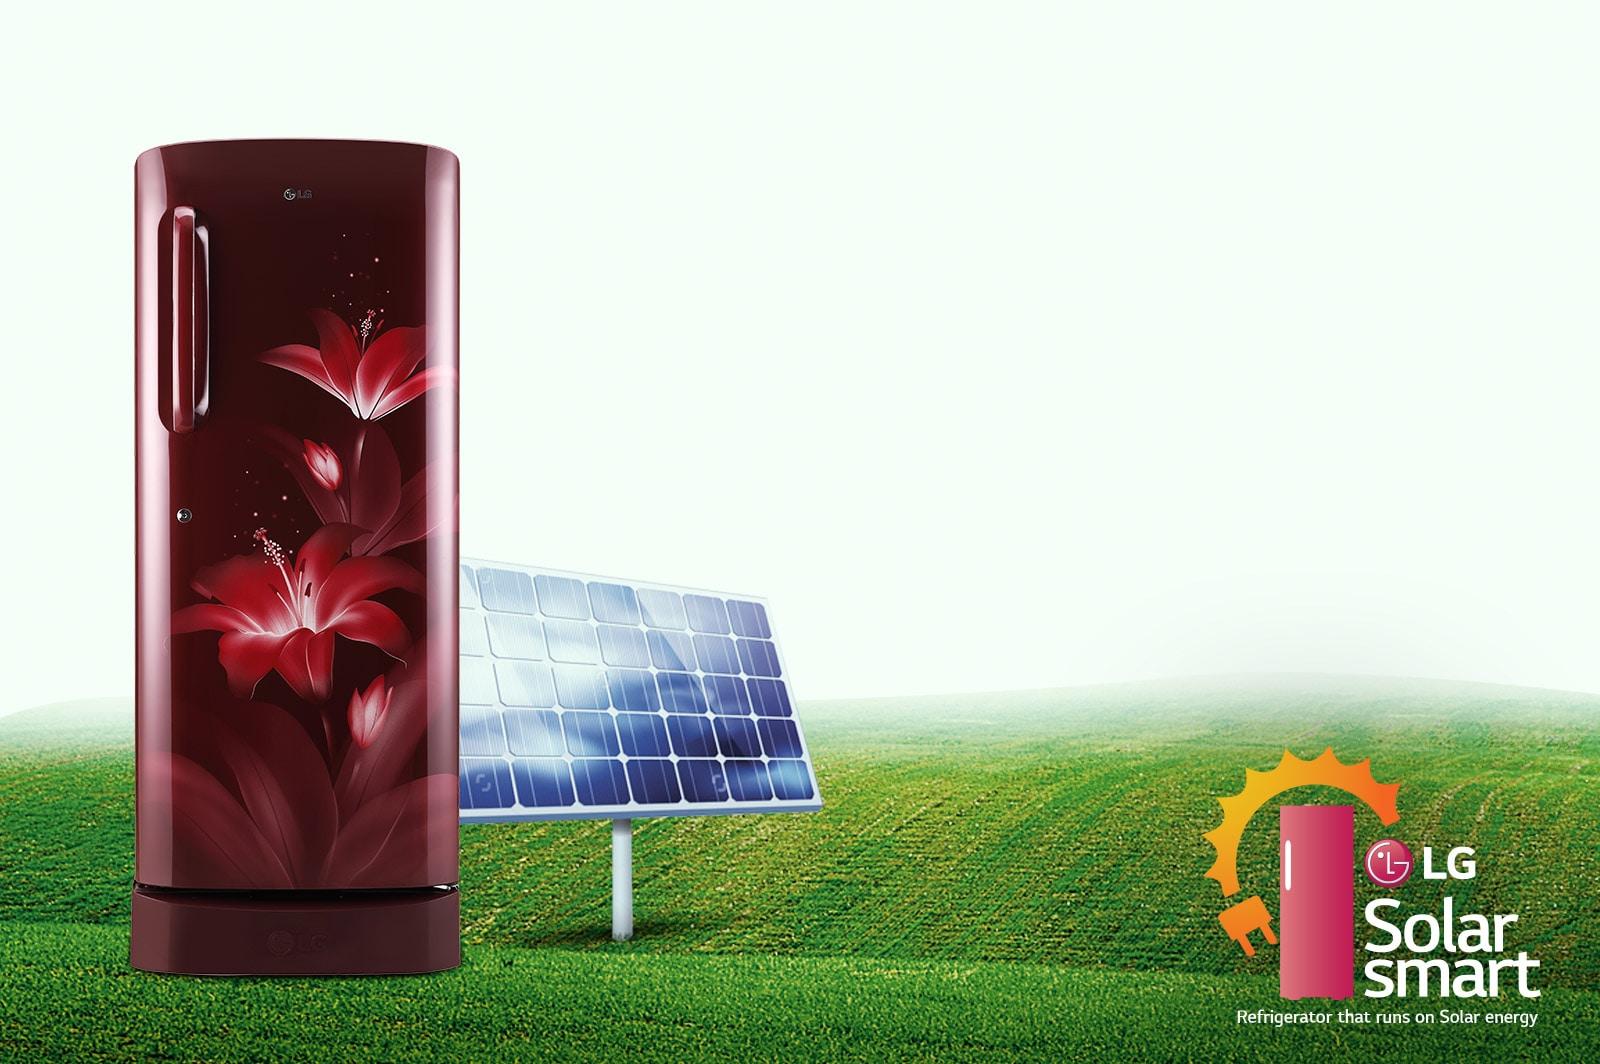 LG GL-B281BSCX 270 ltr solar smart